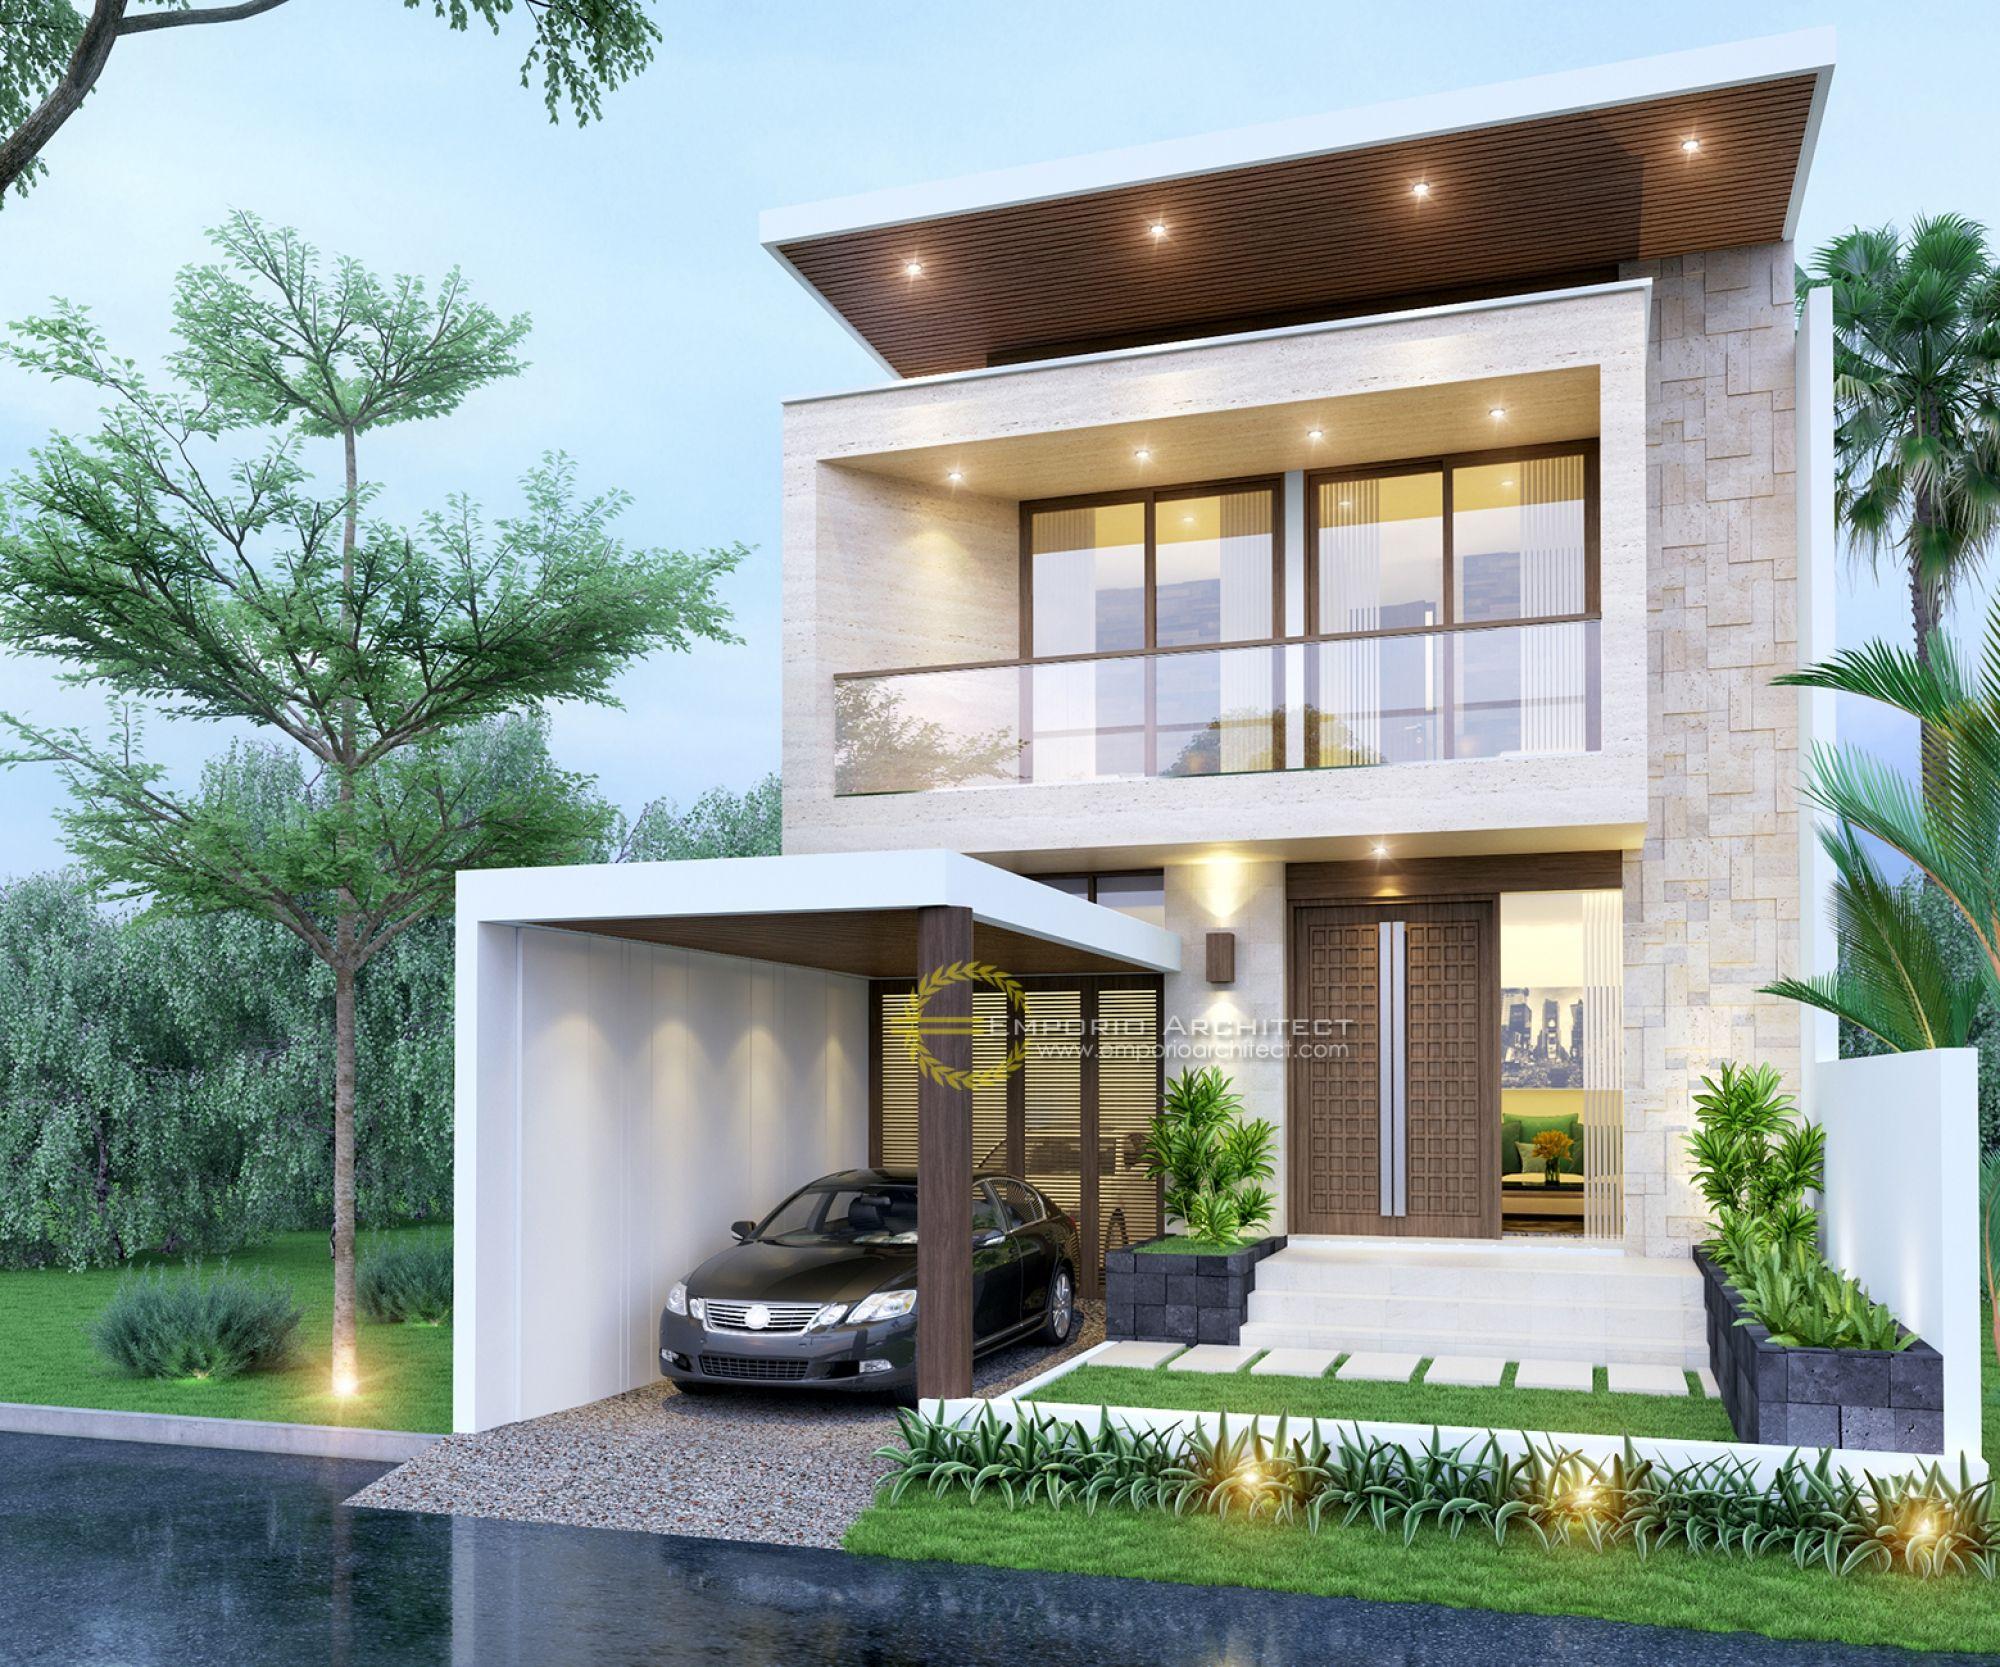 Emporio Arsitek: Jasa Arsitek Desain Rumah Ibu Ocha Jakarta Jasa Arsitek